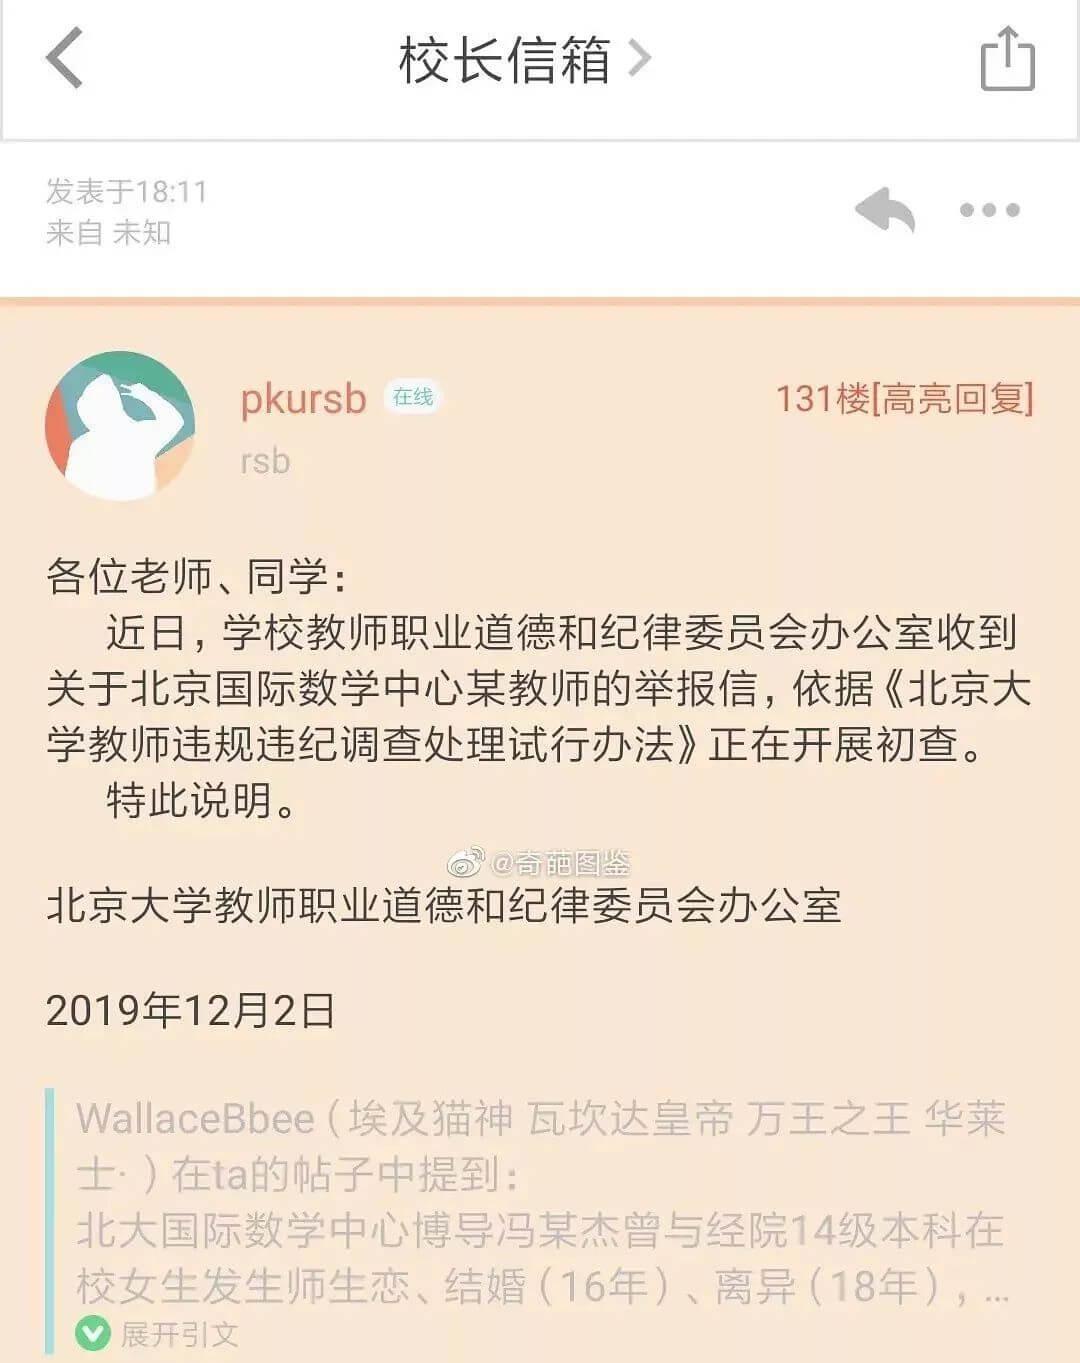 中国最高学府爆料 北大教师被指多人发生不正当关系(3/3)